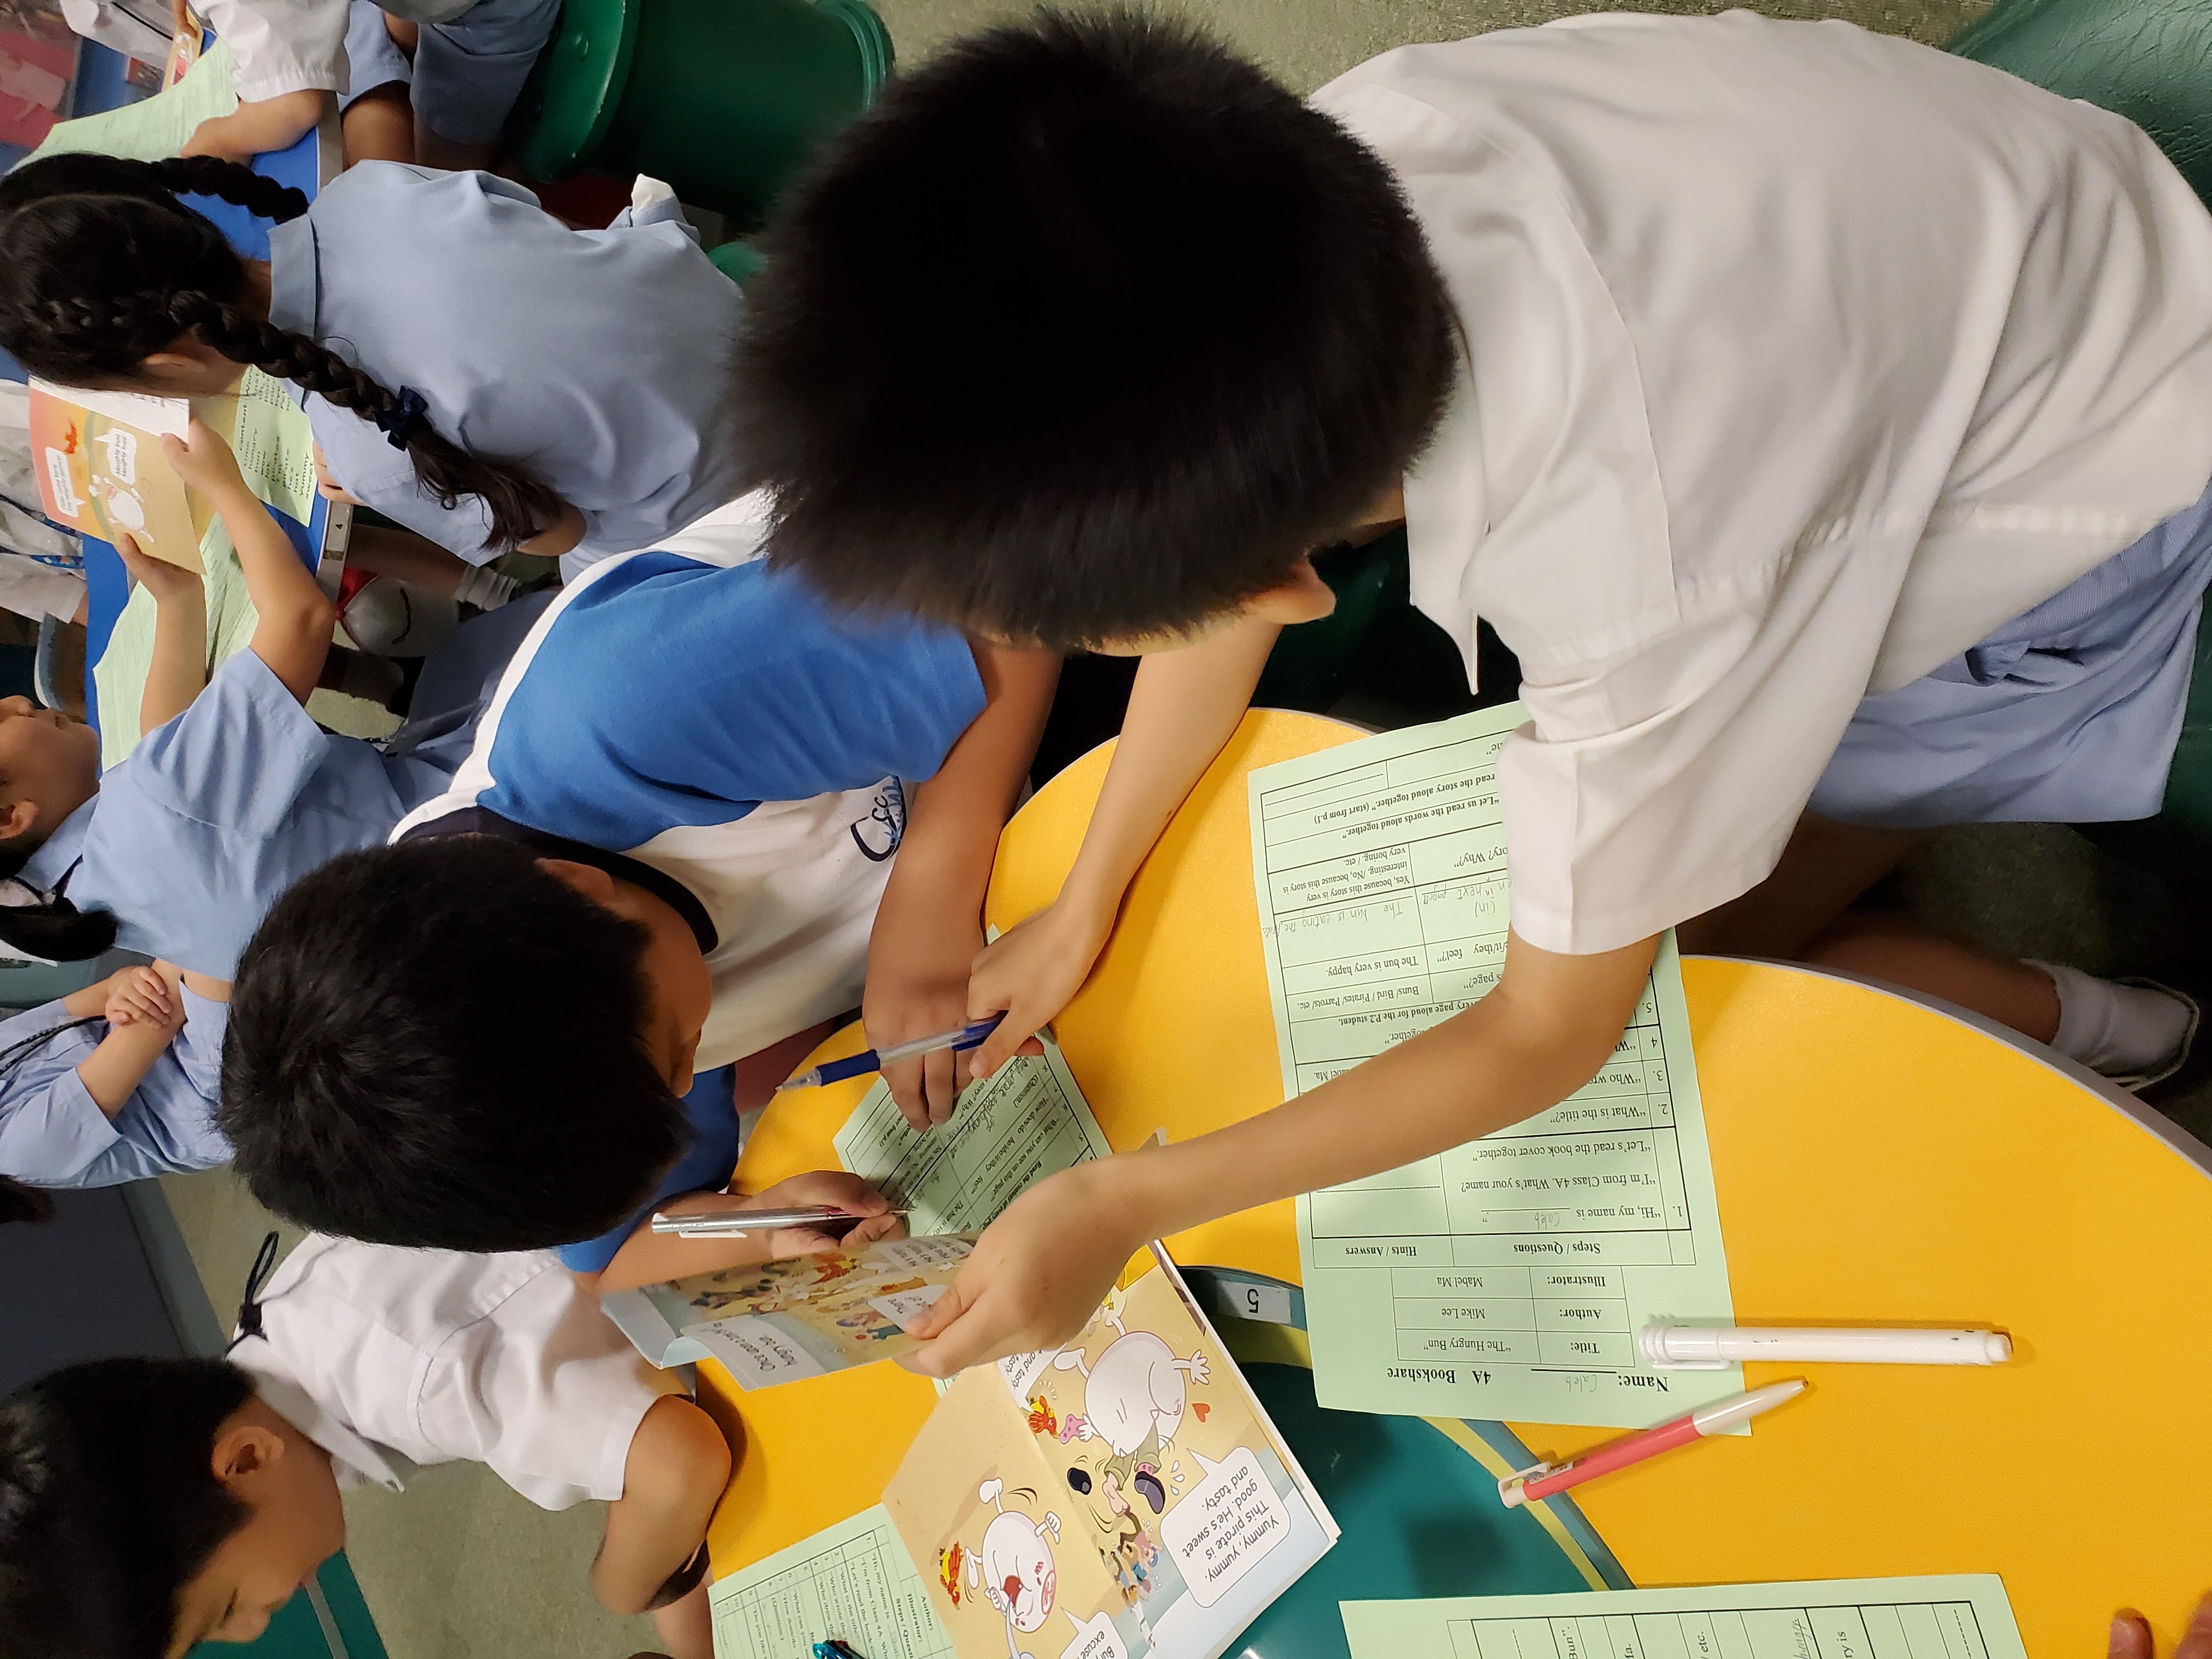 http://www.keiwan.edu.hk/sites/default/files/20191011_100942.jpg